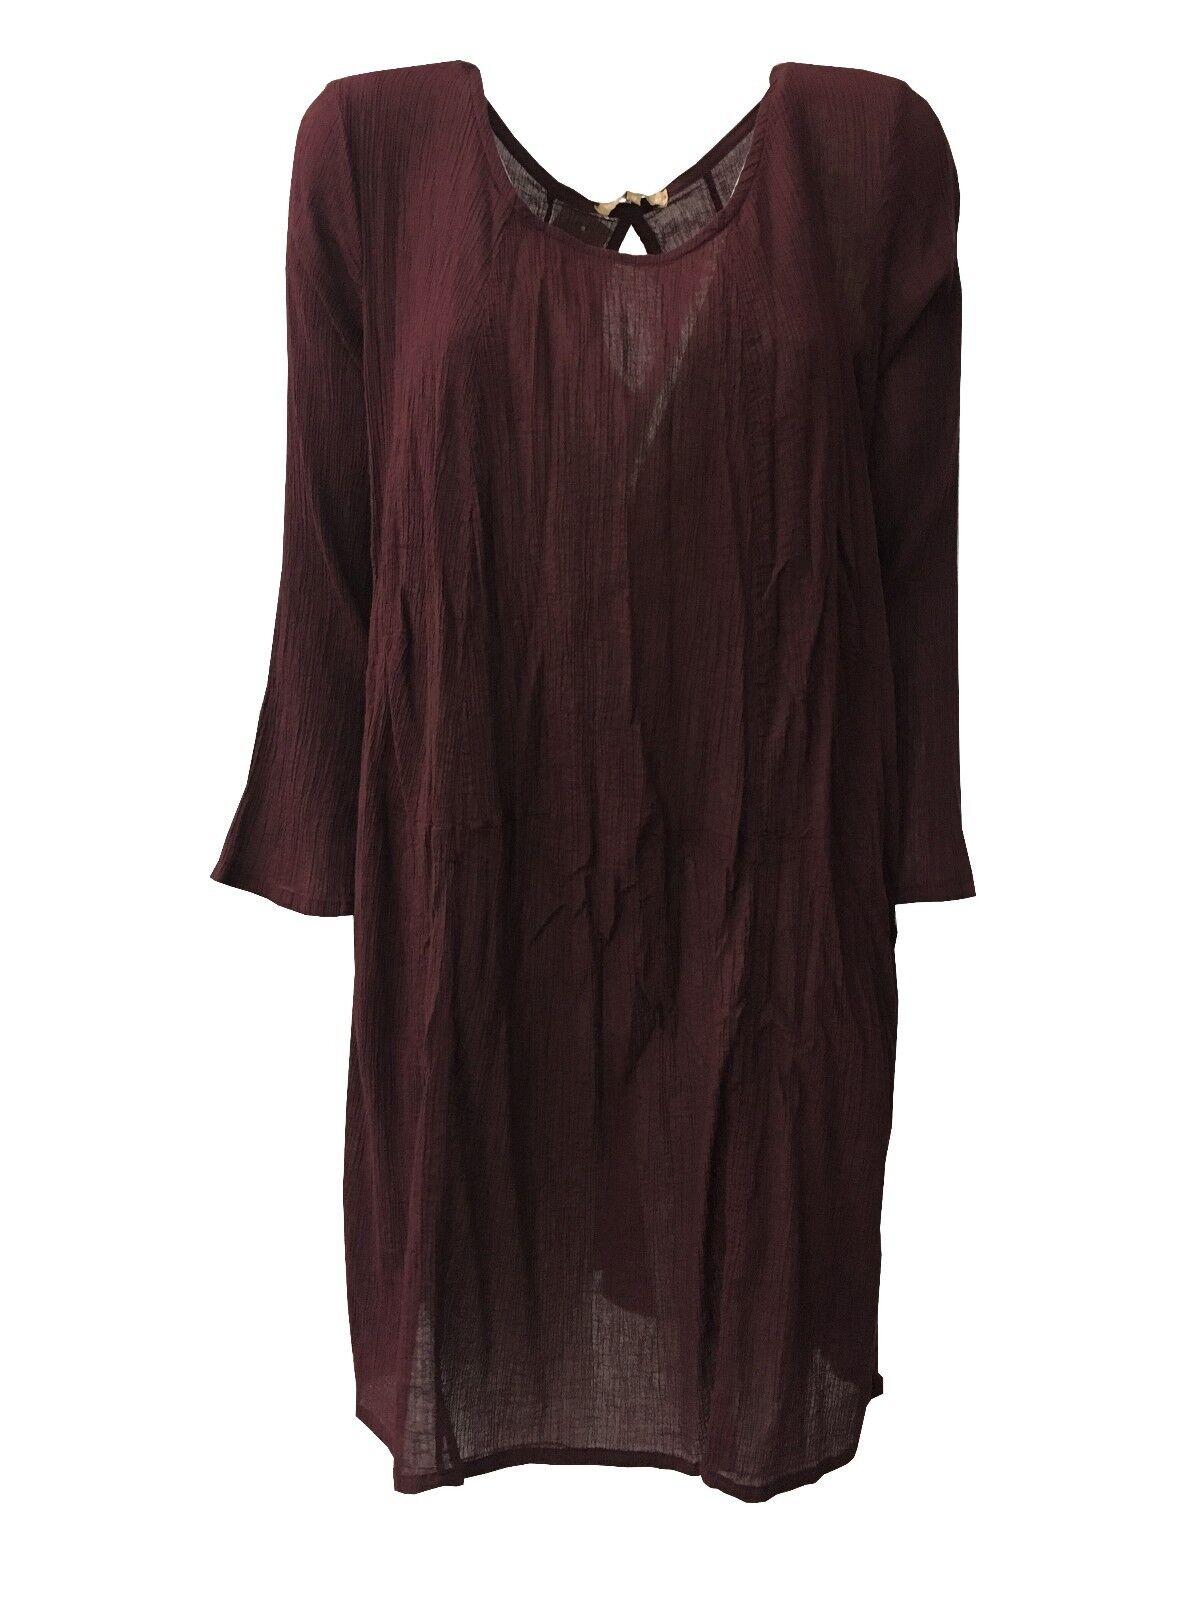 HUMILITY 1949 vestido women garza arrugado burdeos con bolsillos lateral HA6073